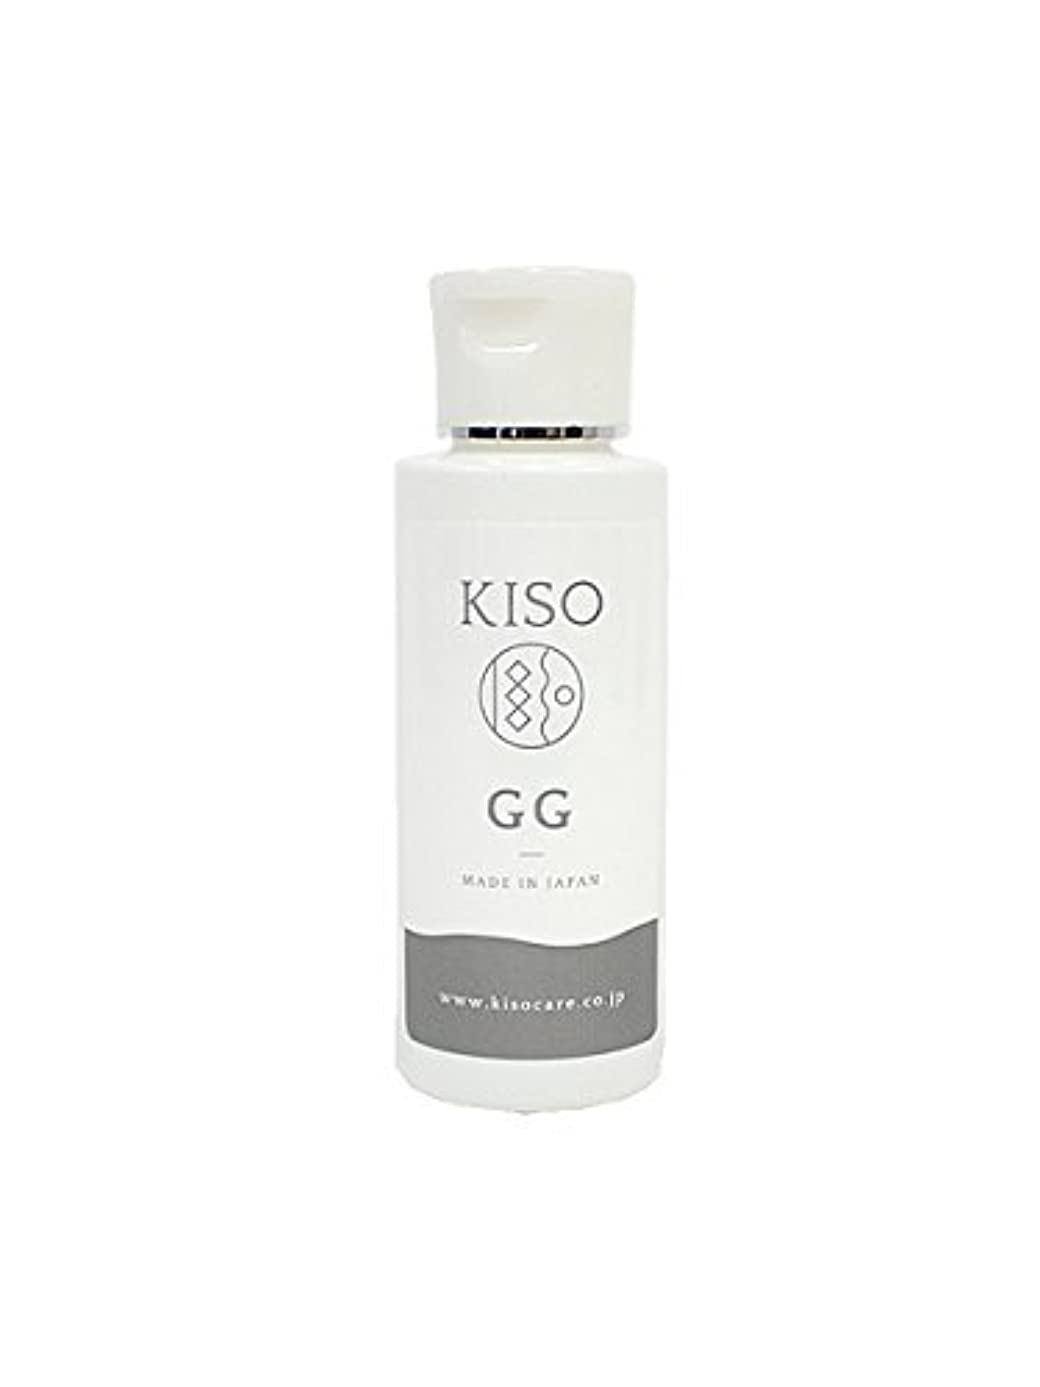 夜明けそれにもかかわらず真実にKISO グリシルグリシン5% 高配合美容水 【GGエッセンス 50mL】 肌のキメを整える?肌をひきしめる